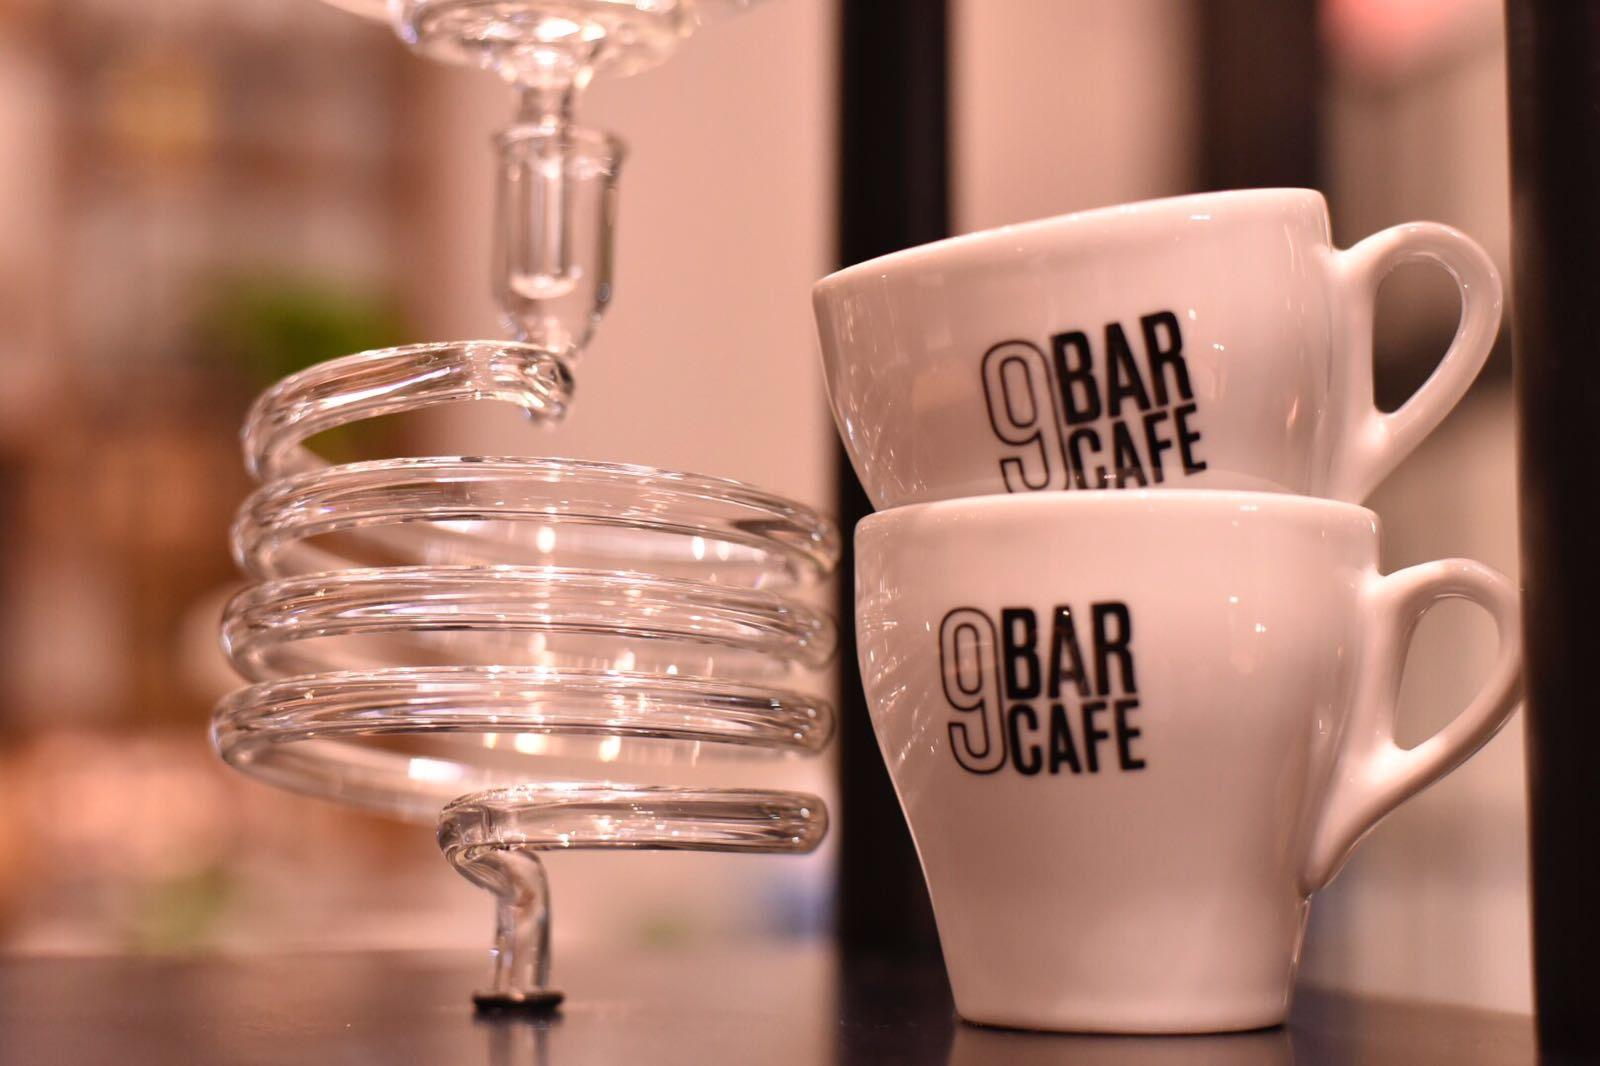 9 Bar @ Urby-02.jpg